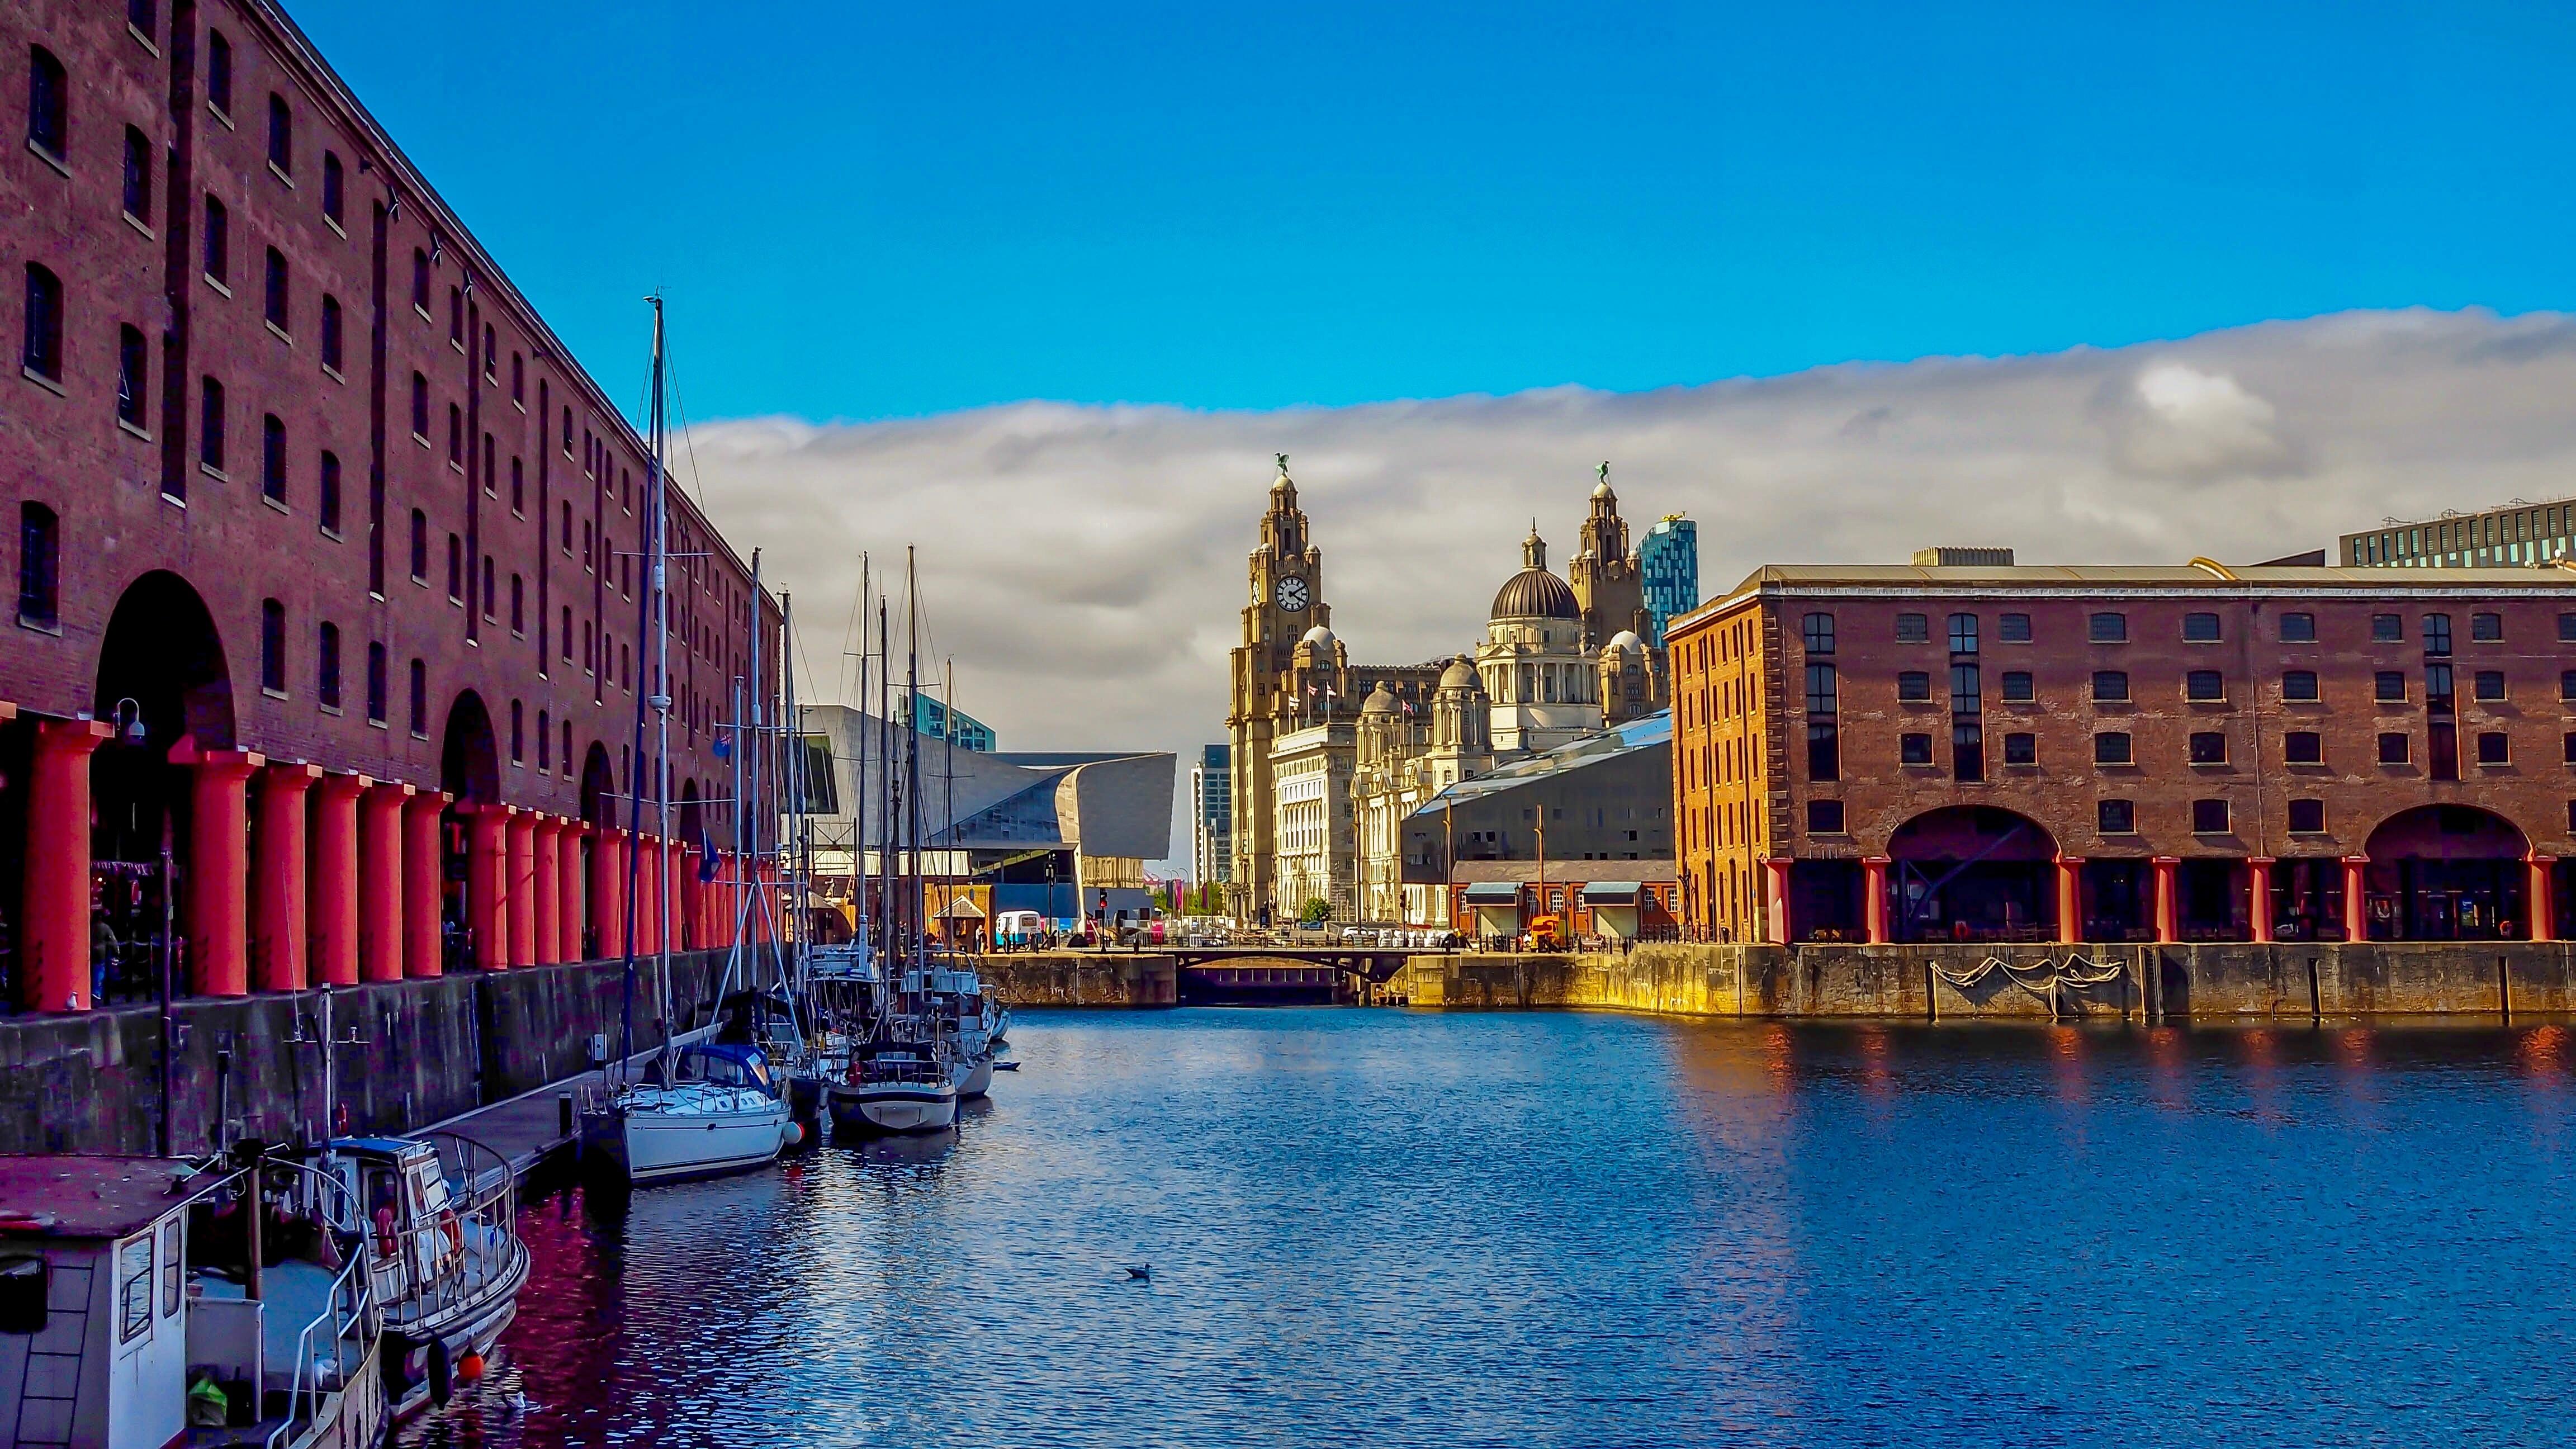 Quest Liverpool City Centre Local Area